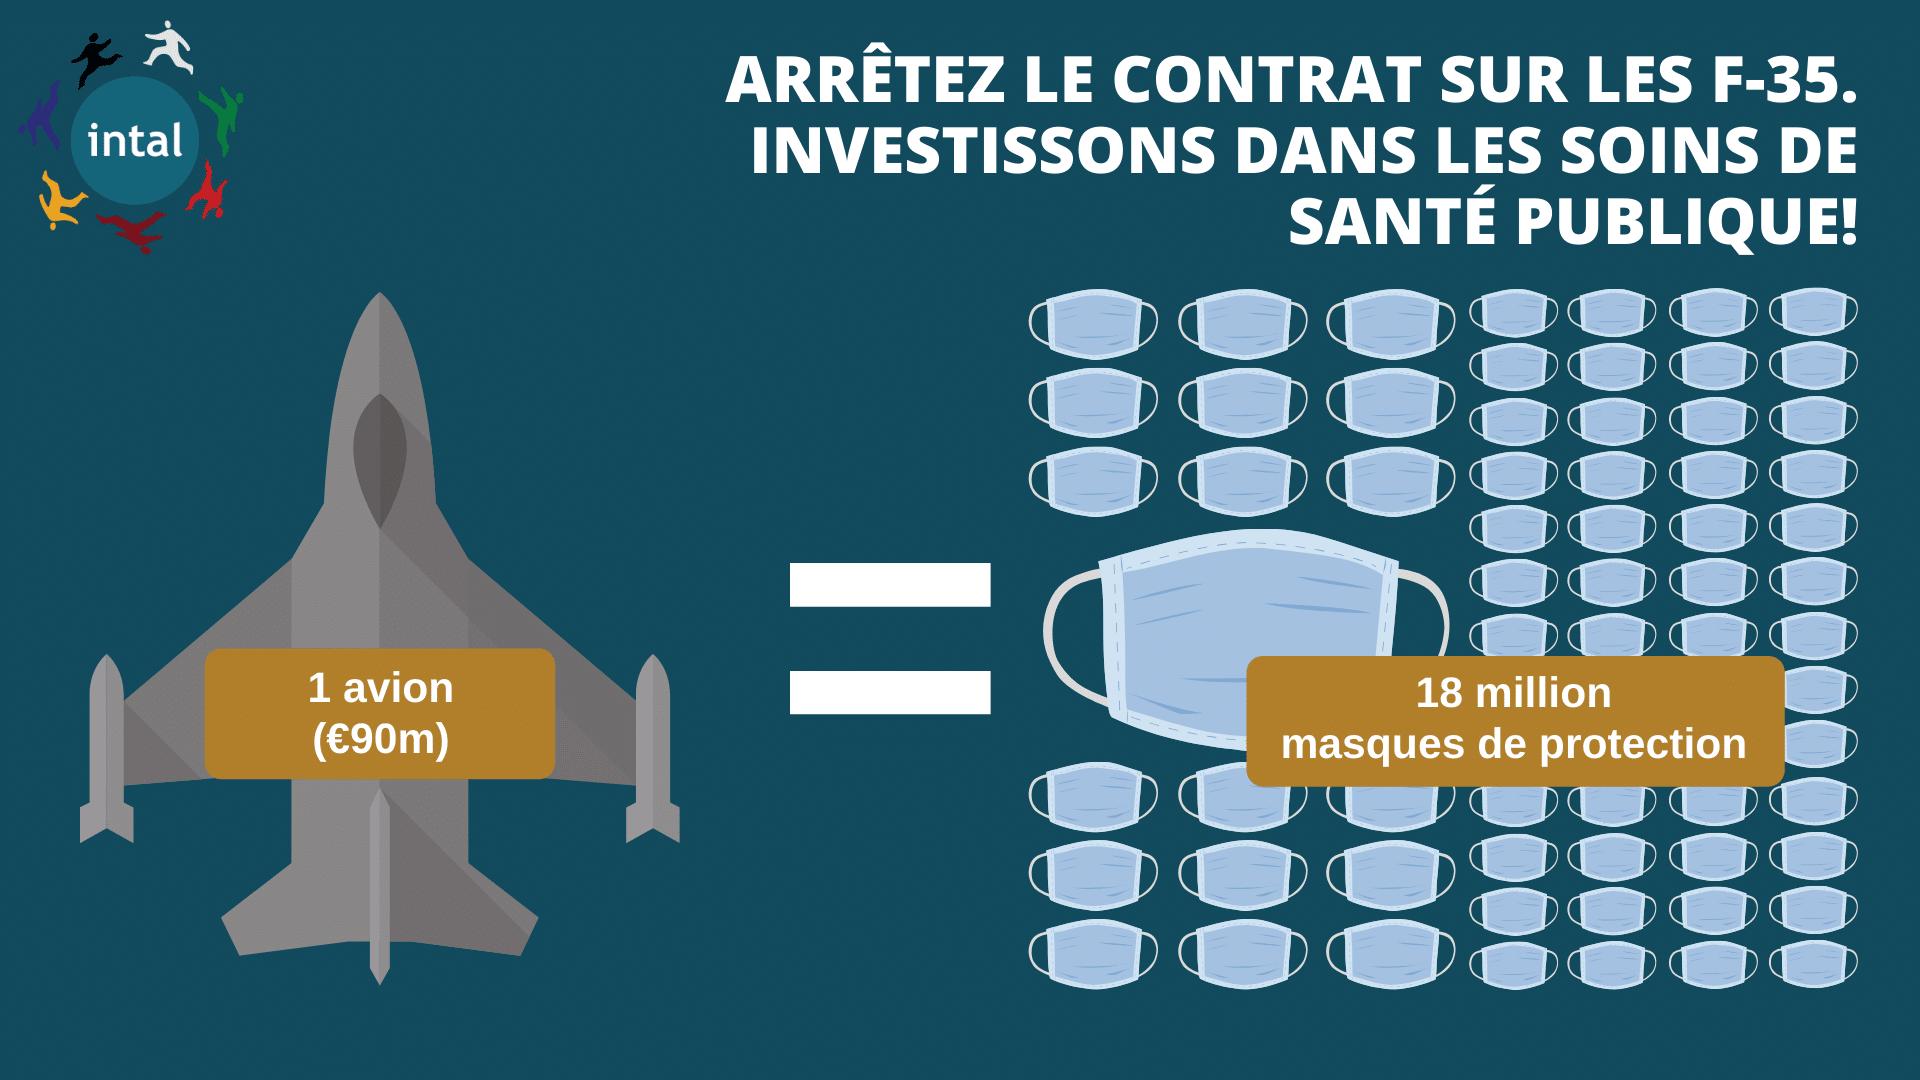 Arrêtez le contrat des avions de guerre F-35, investissez dans les soins de santé !